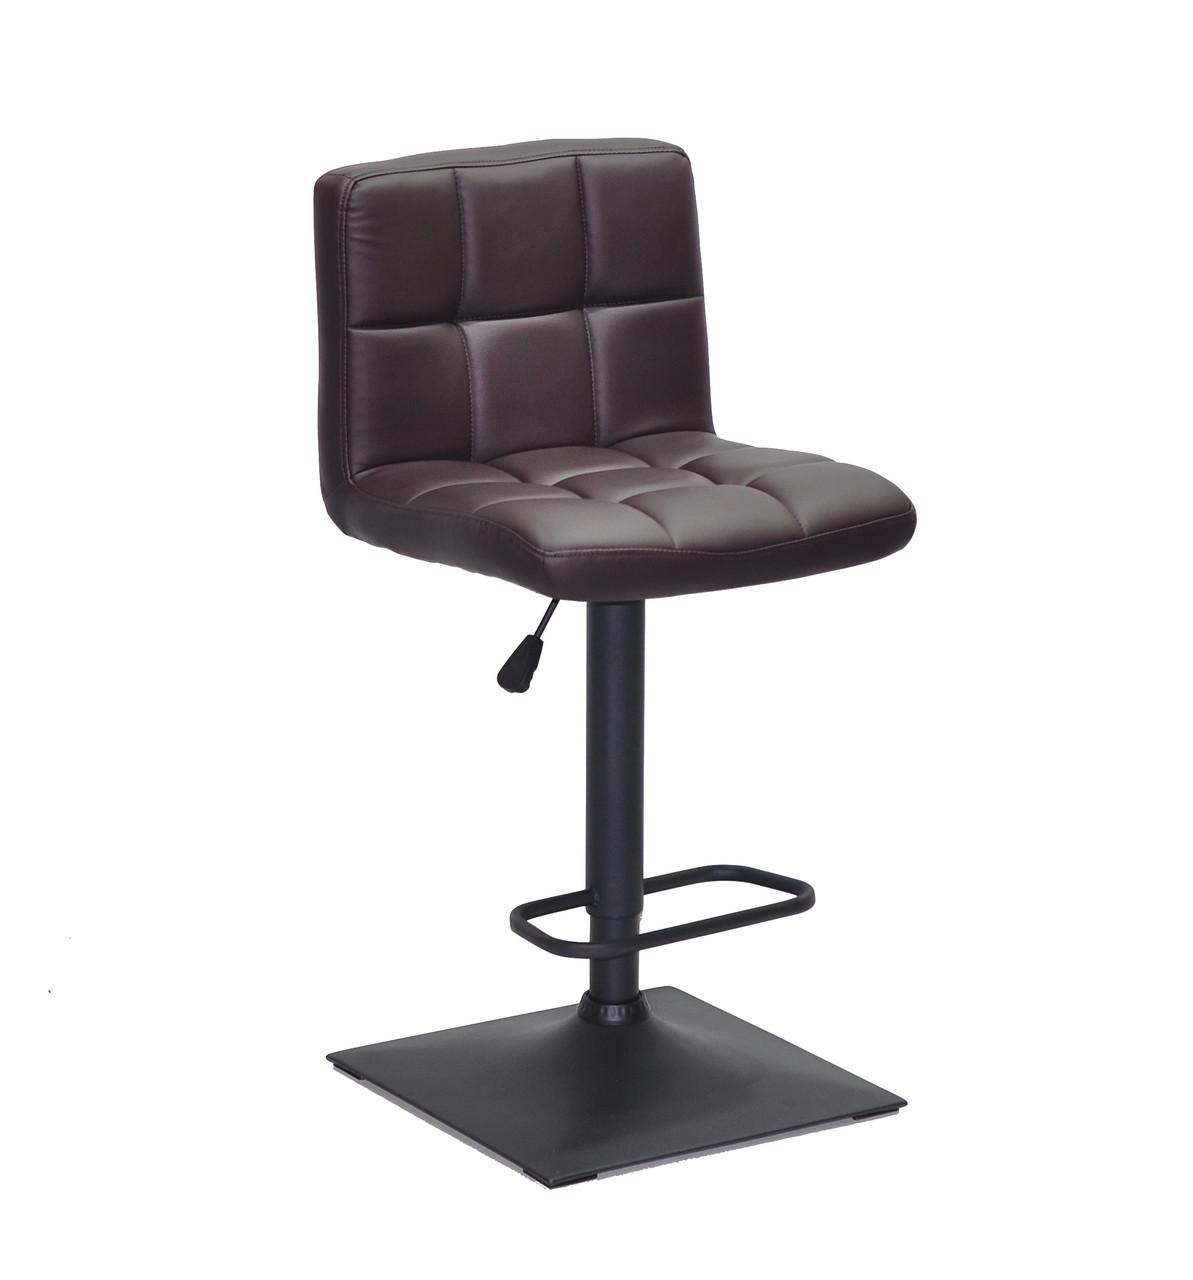 Бежевий барний стілець з підніжкою на млинці з м'якою, оксамитовою оббивкою Arno BAR CH - Base